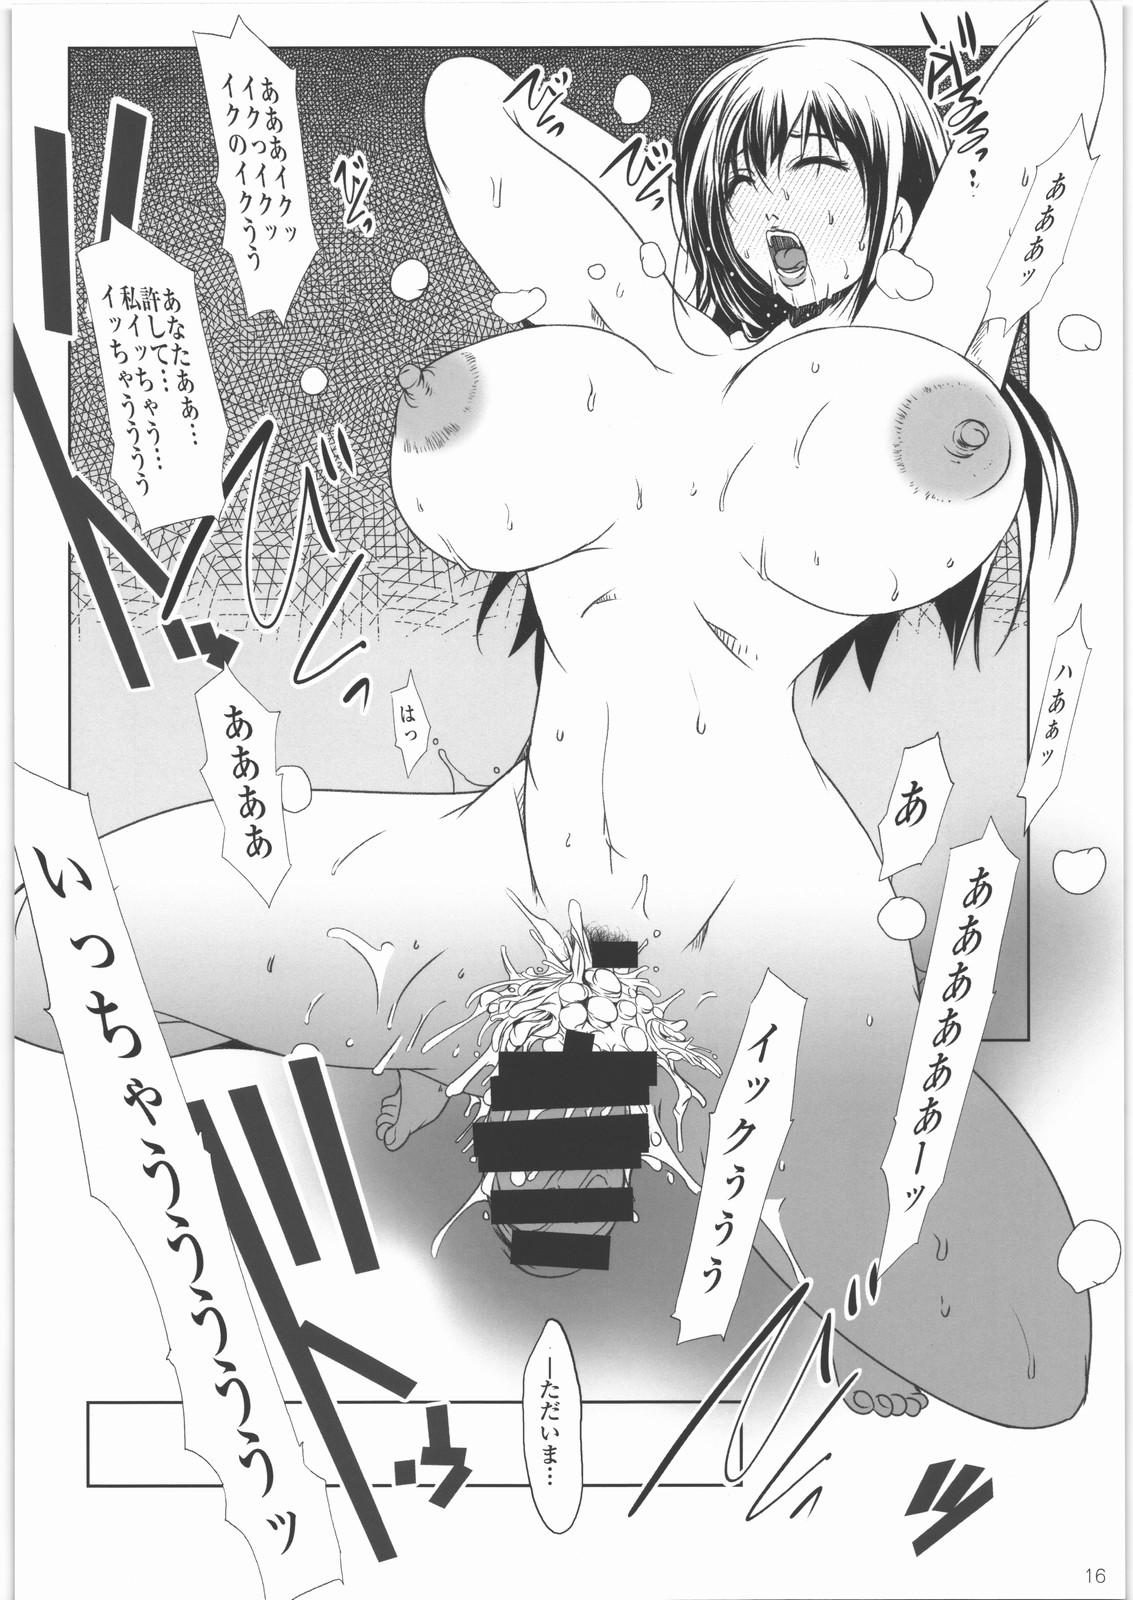 【エロ漫画・エロ同人誌】巨乳人妻から巨乳女子校生までエッチなセフレとのセックスをどぞwwwwwwwwwwwwww (15)